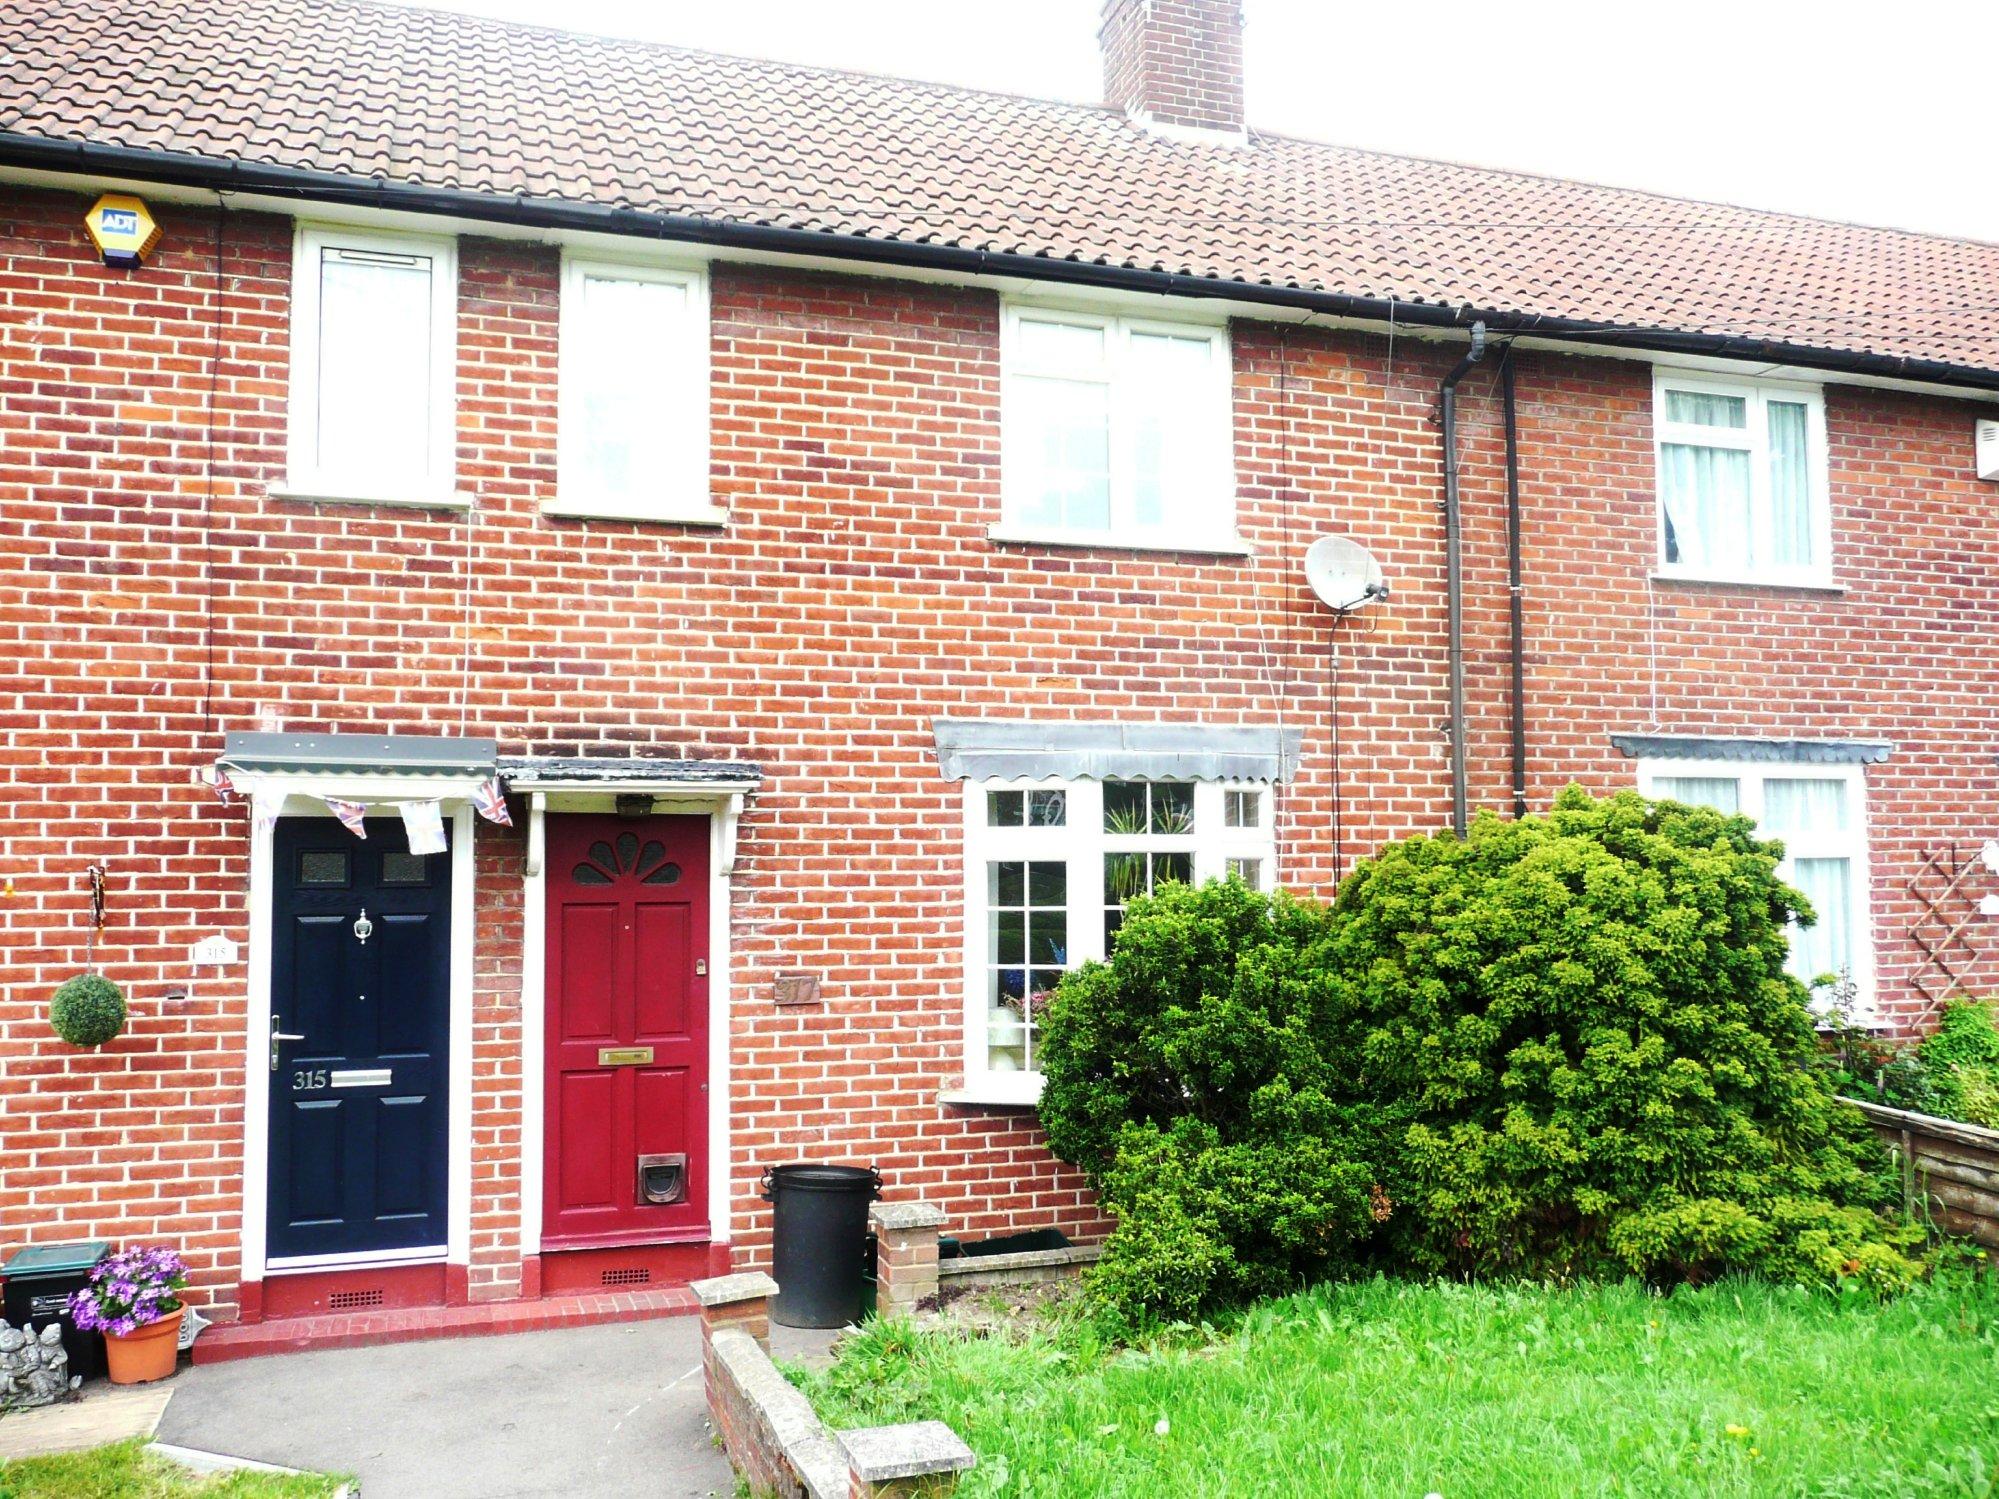 Dunkery Road, Mottingham, SE9 4LP